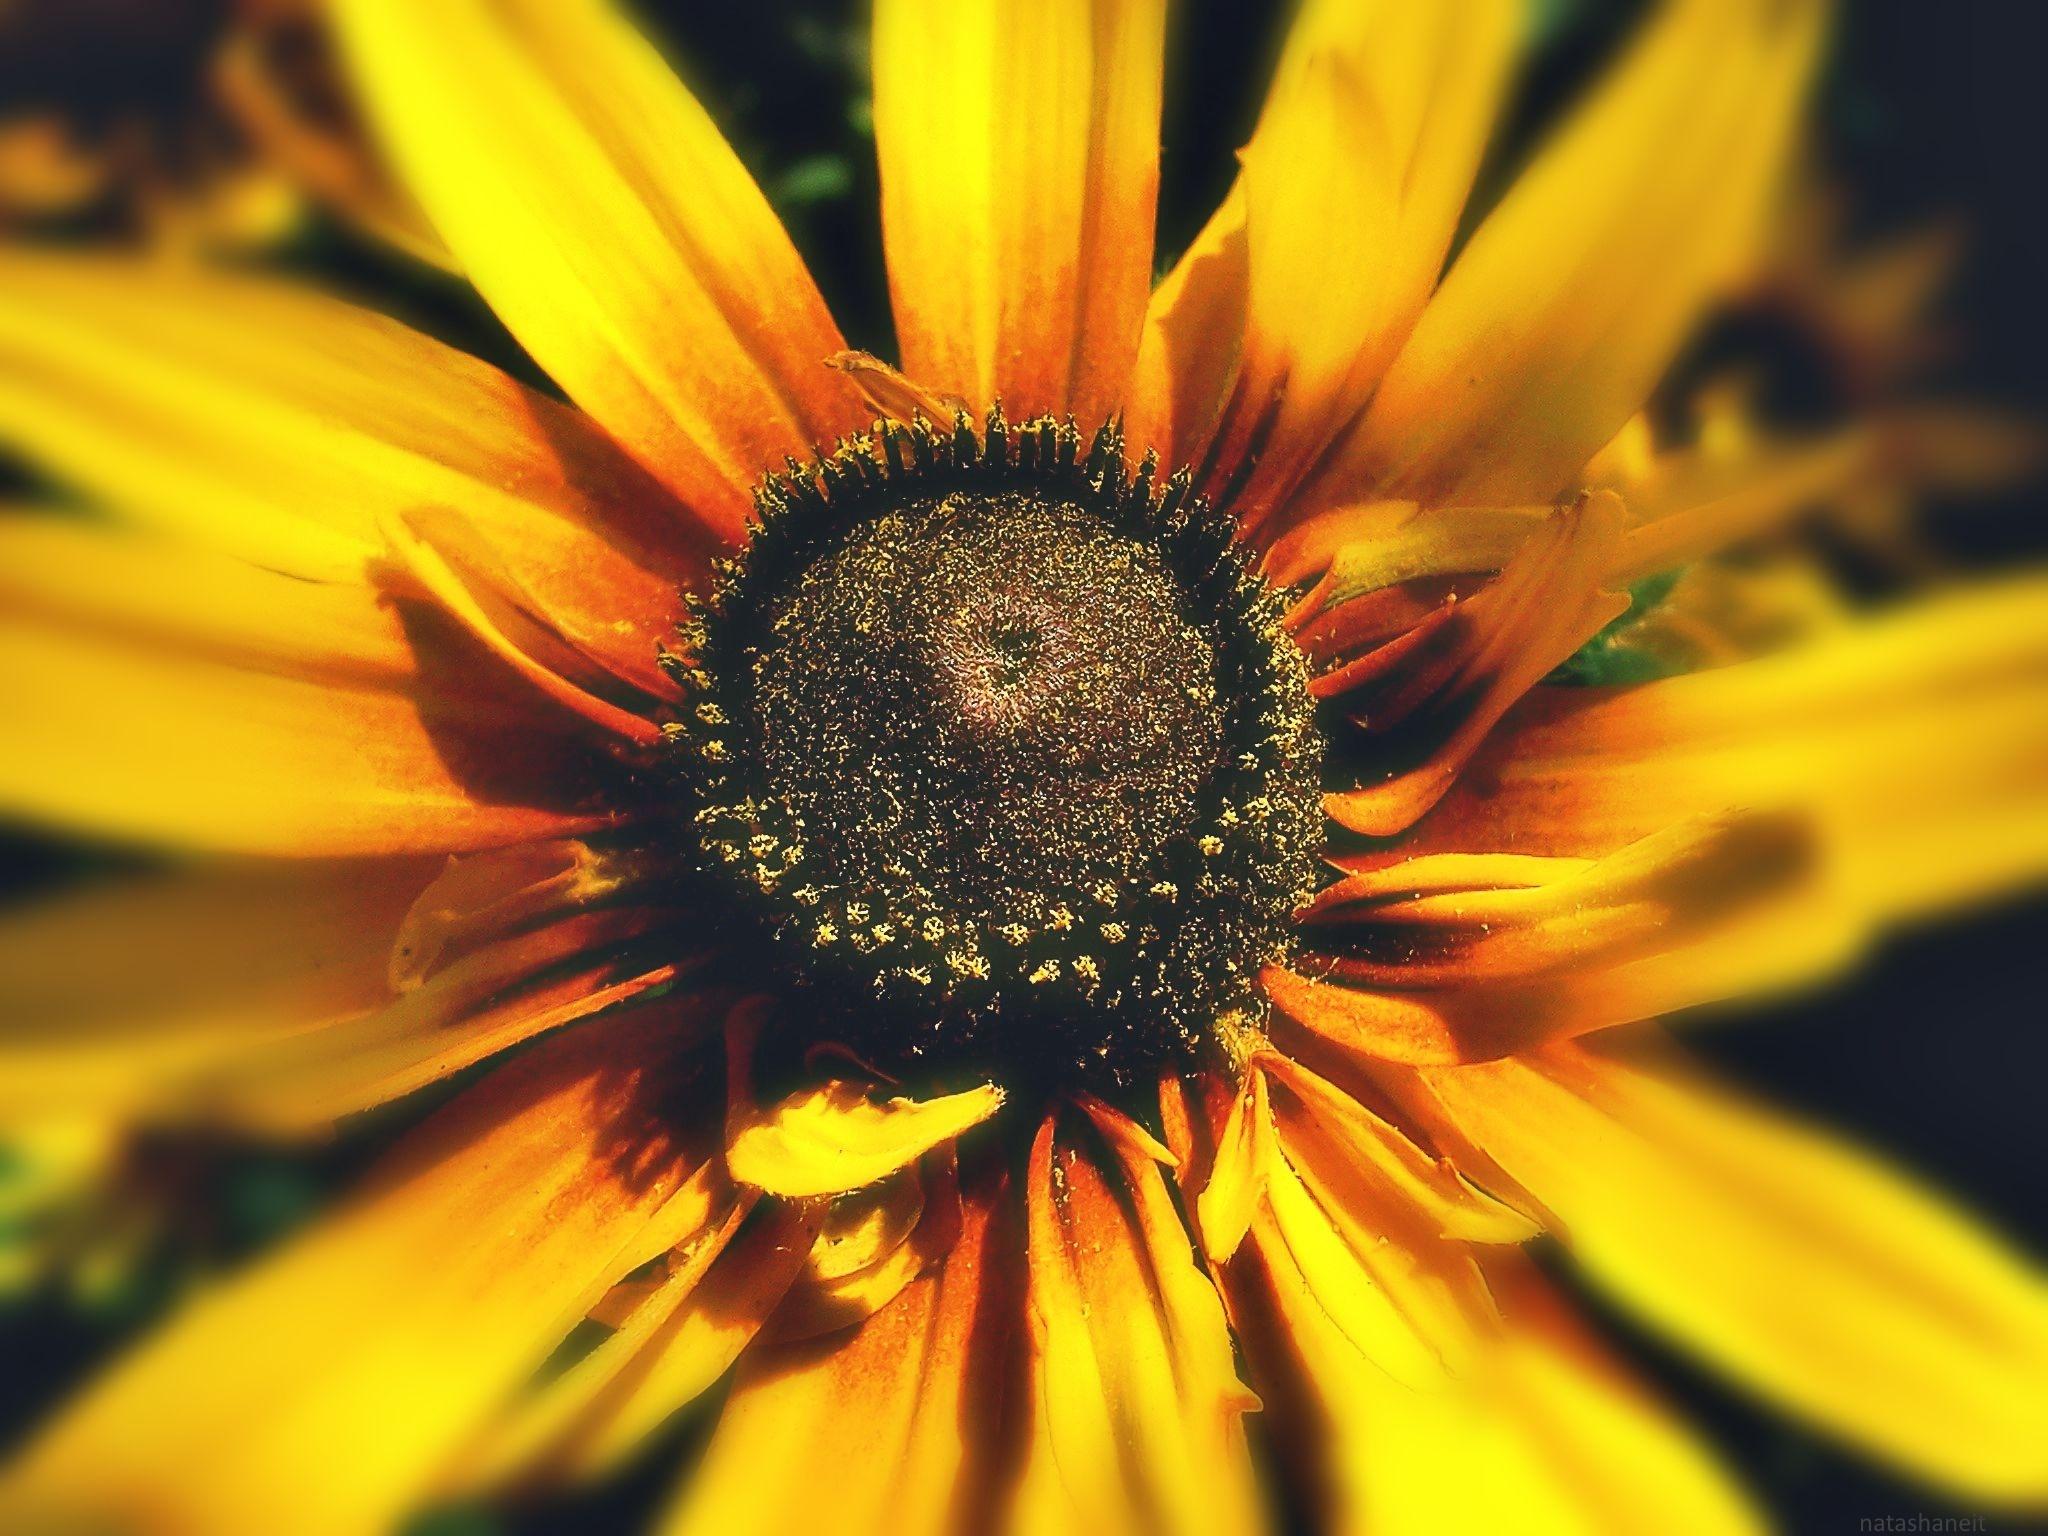 Flower - Sun by natashaneit